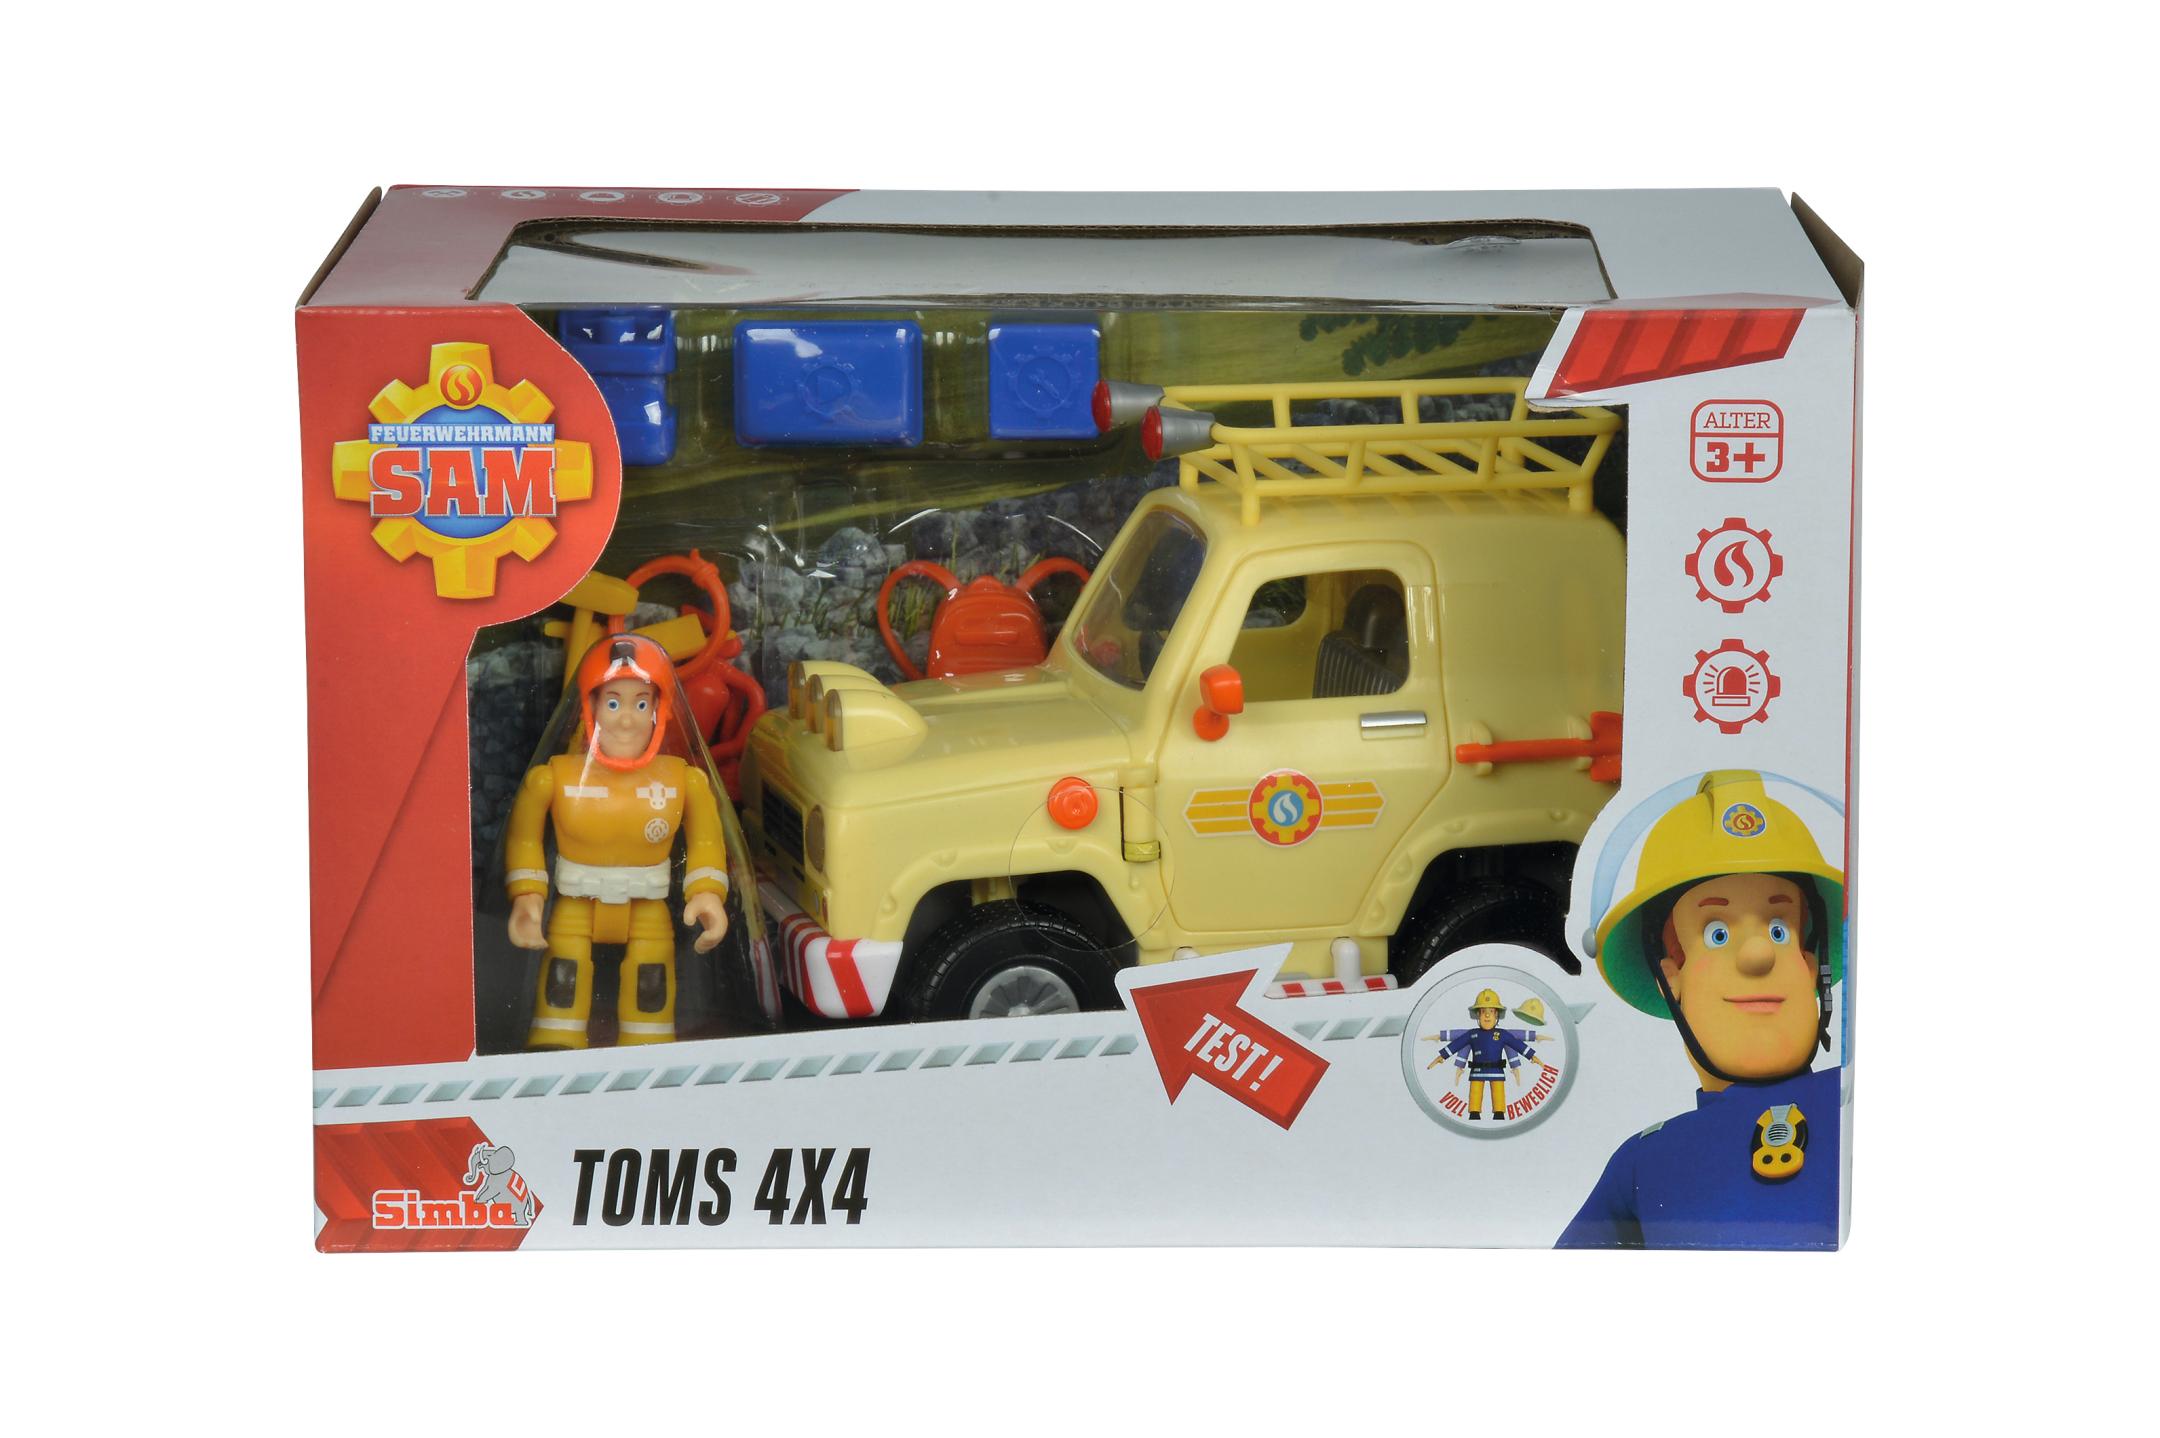 Fireman Sam Tom's Geländewagen